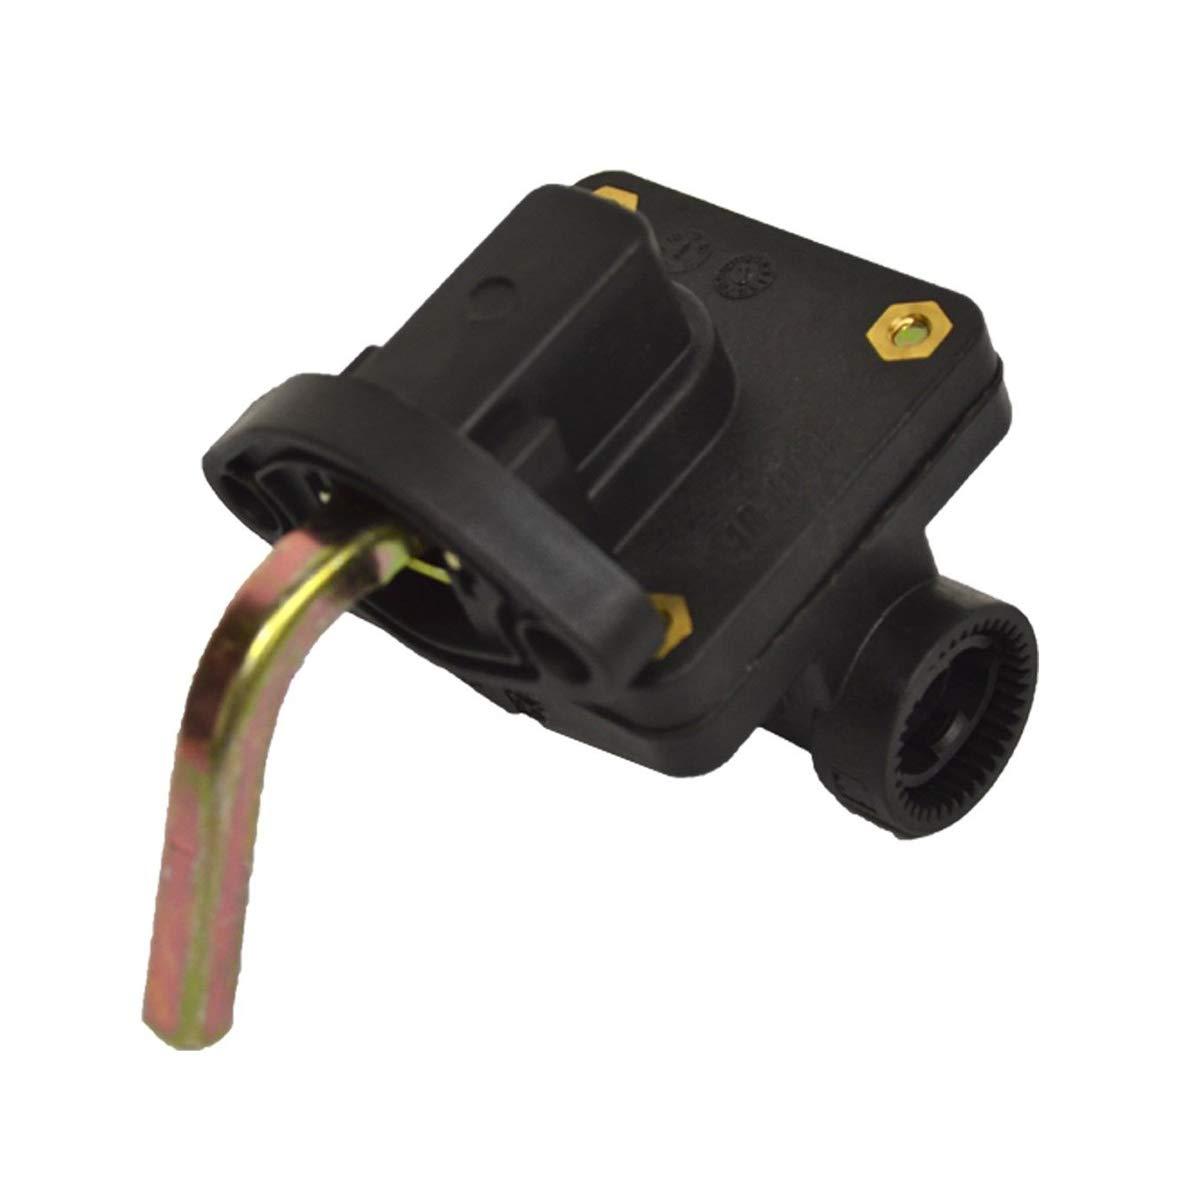 For Kohler K-Series K241 K301 K321 K341-10 12 14 16 hp Engine AM134269 Fuel Pump